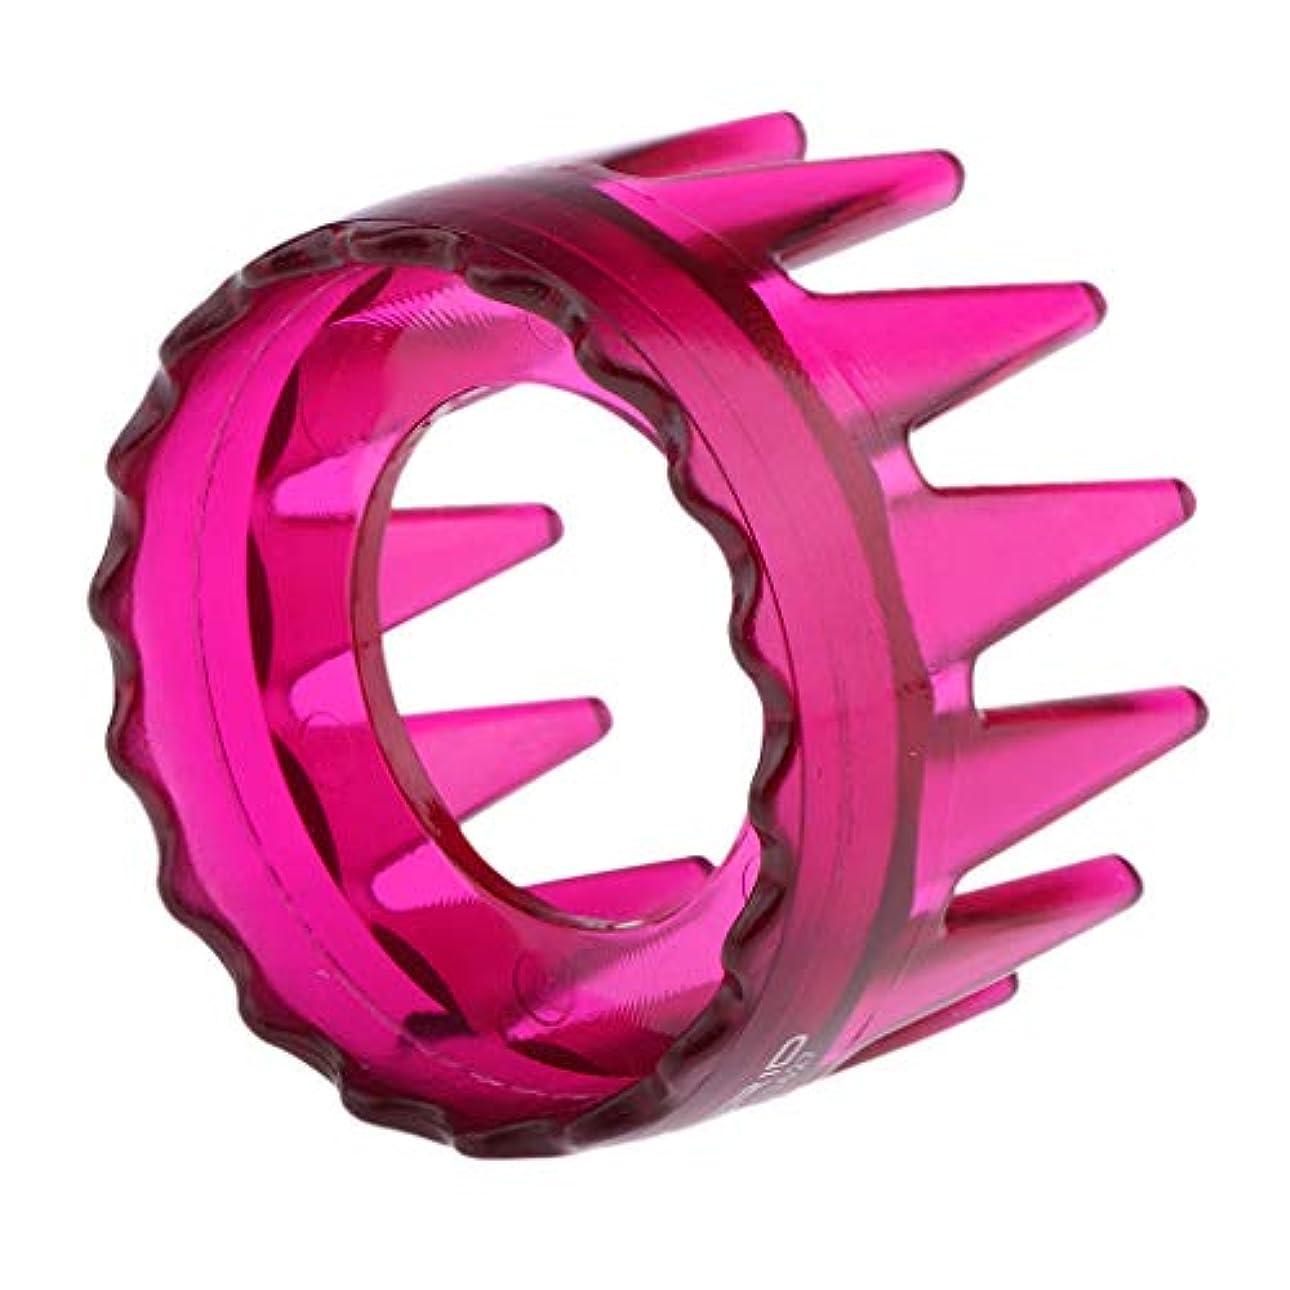 給料シットコム形容詞プラスチック製 シャンプーブラシ 洗髪櫛 マッサージャー ヘアコーム ヘアブラシ 直径約6cm 全4色 - ローズレッド